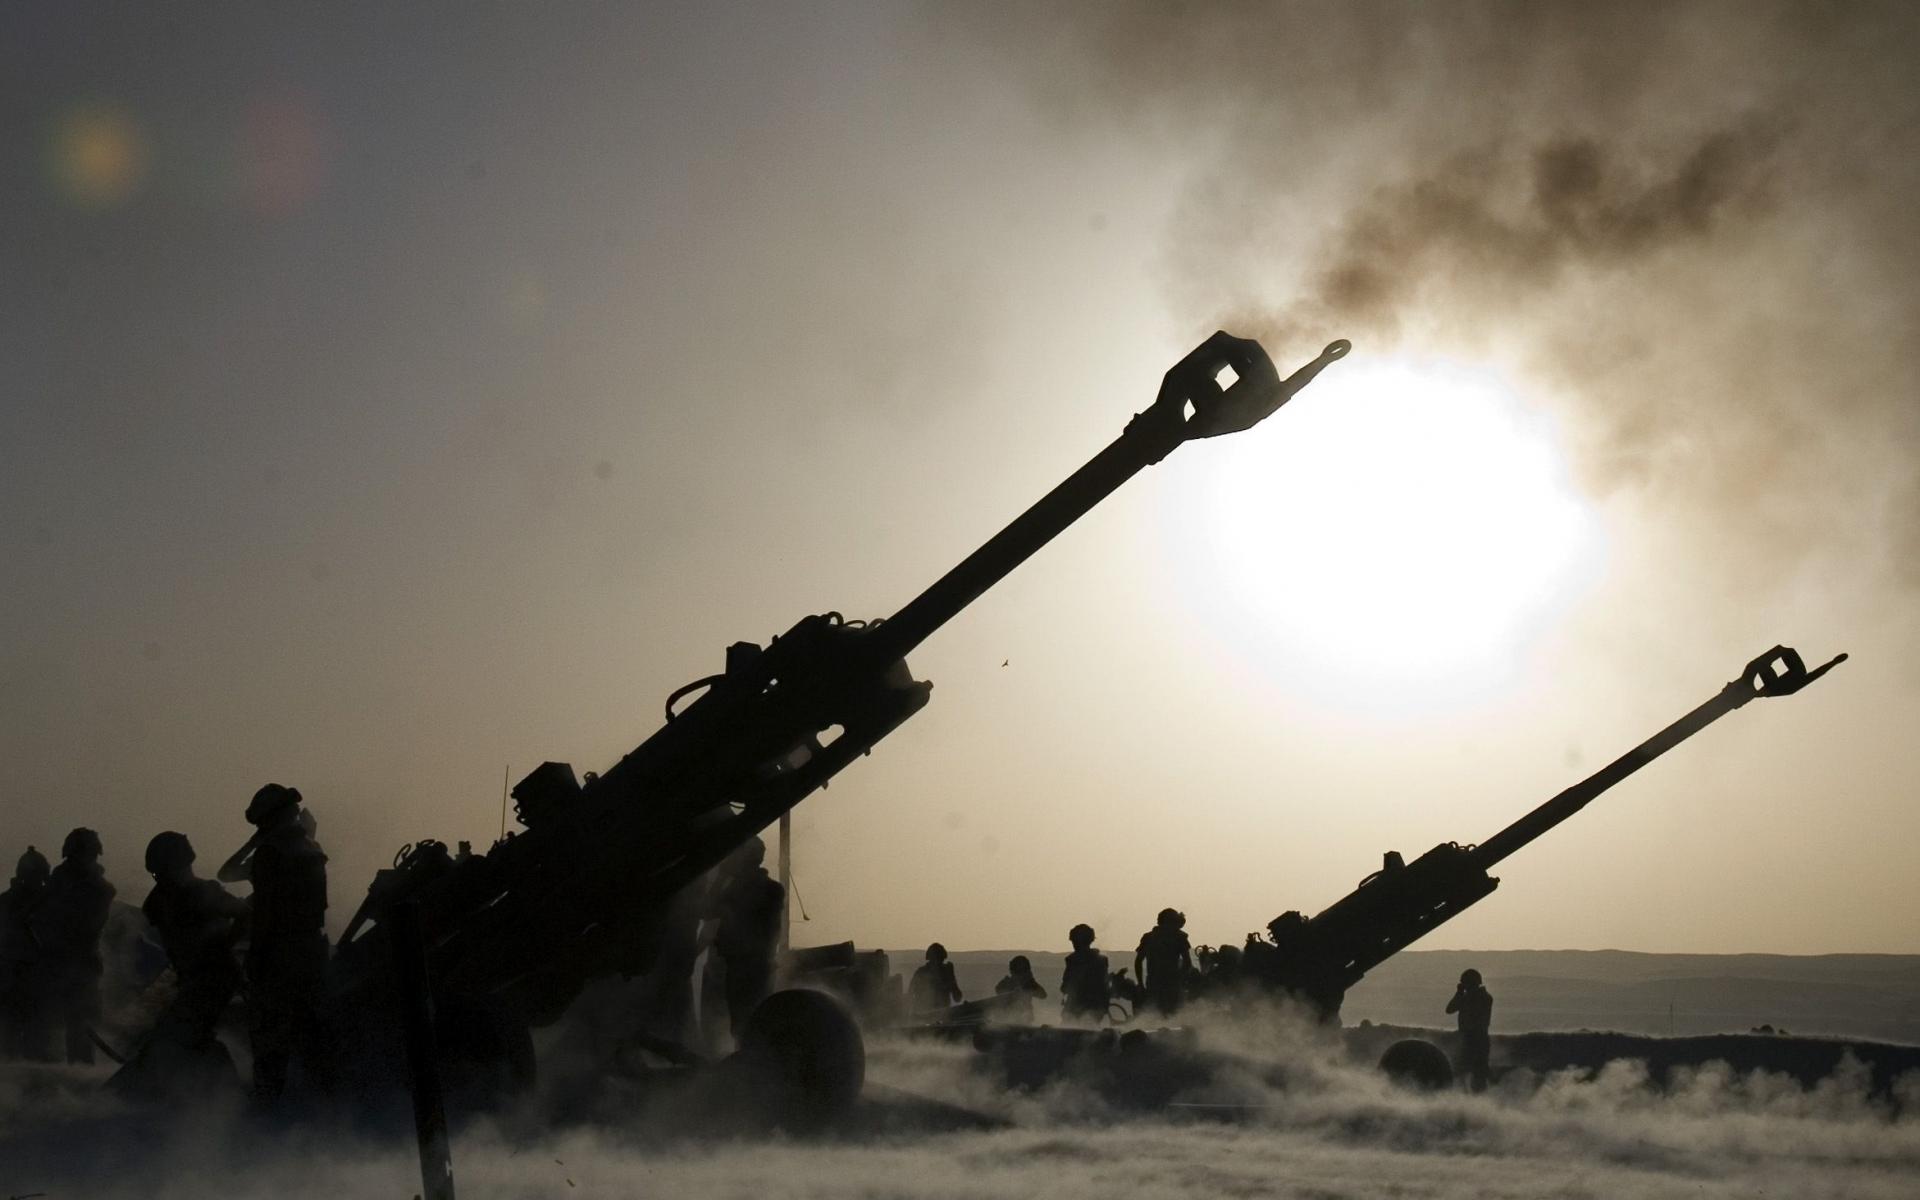 Artillería Militar - 1920x1200